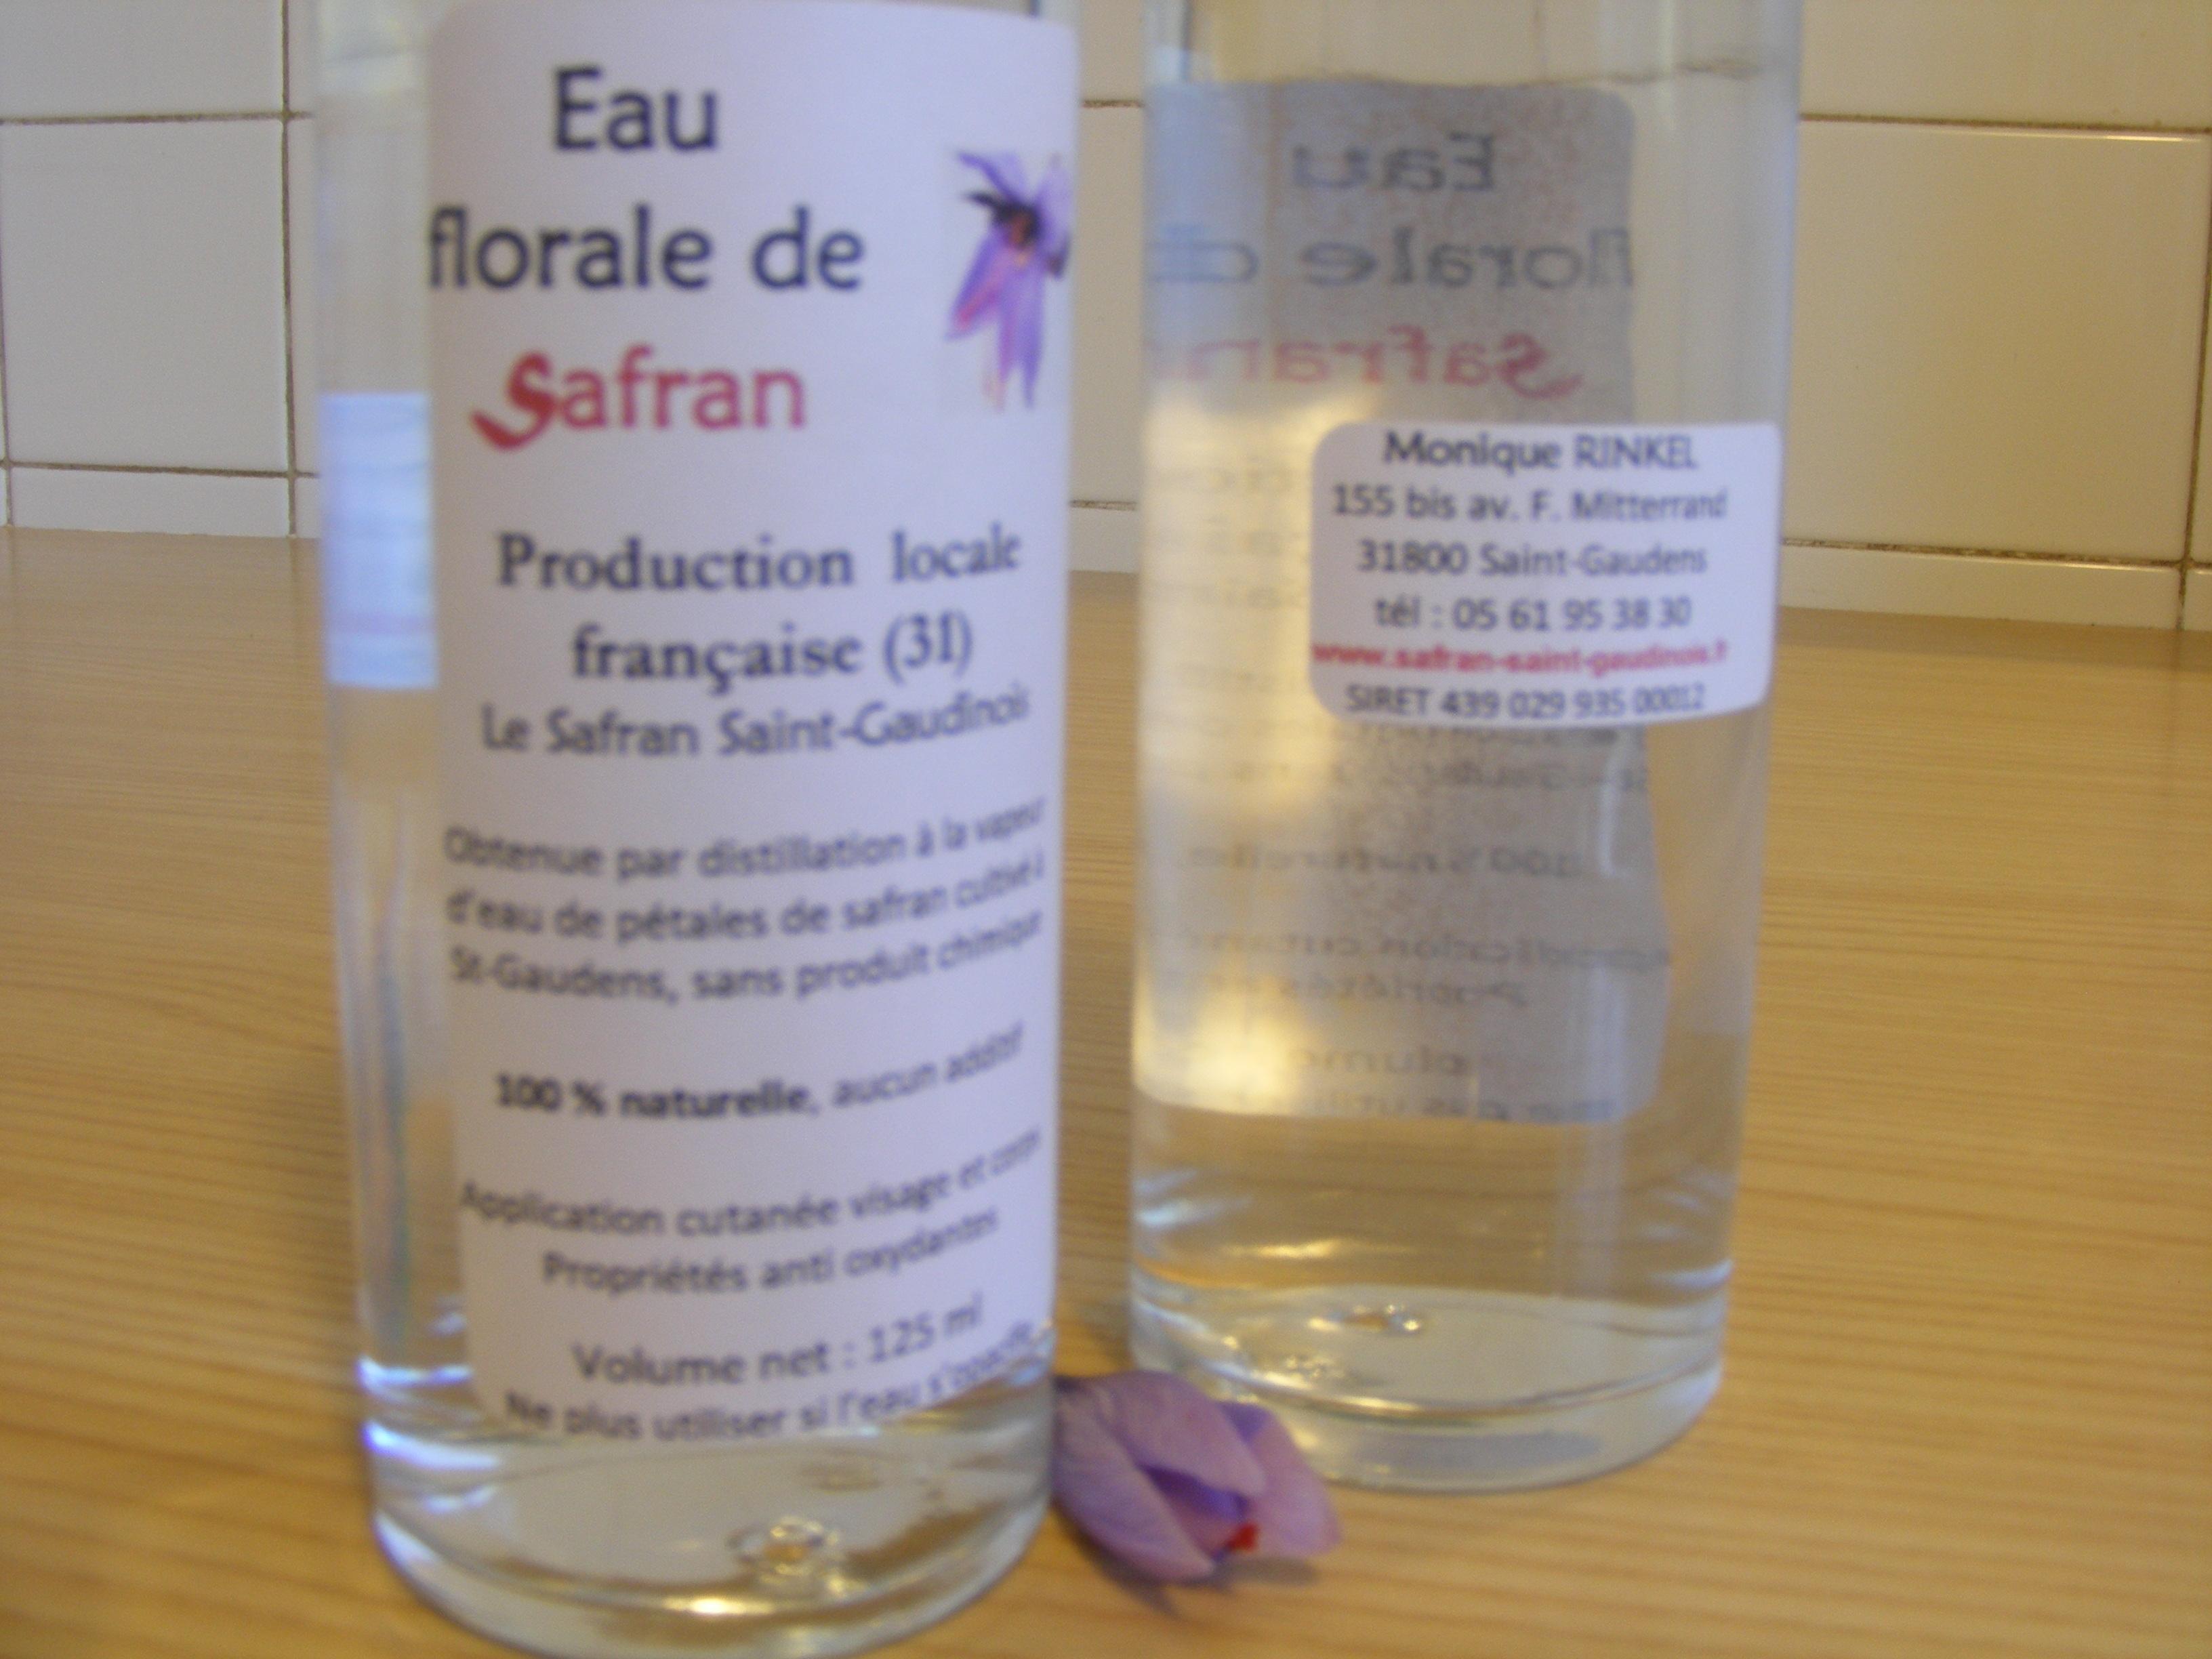 Eau Florale de Safran